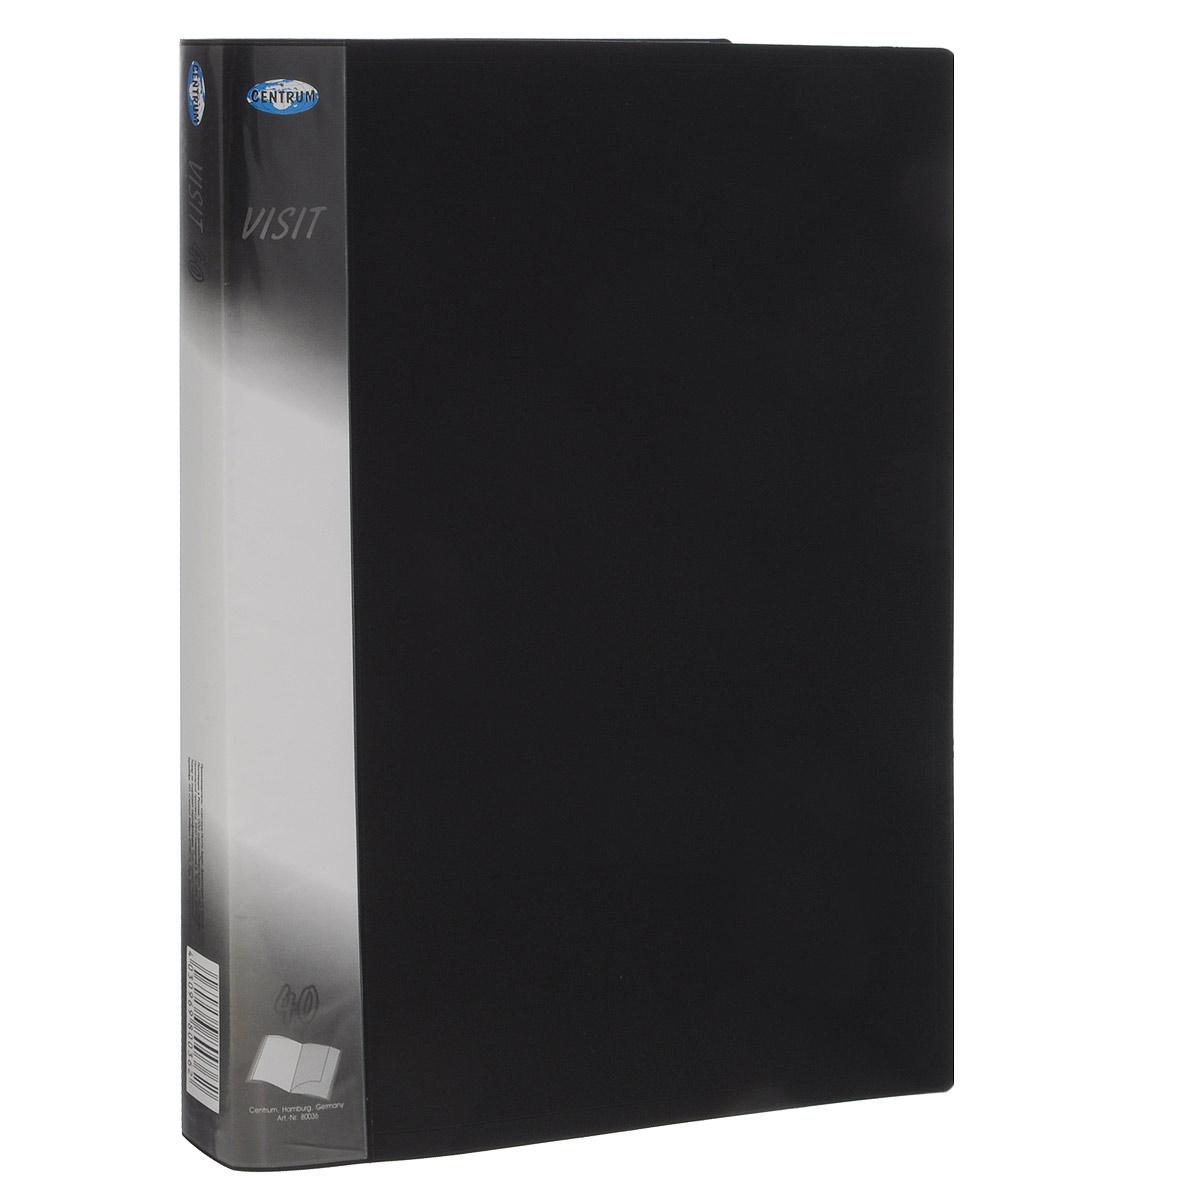 Папка с файлами Centrum Visit, пластиковая, 40 листов, формат А4, цвет: черный80036Папка Centrum Visit с 40 прозрачными вкладышами-файлами предназначена для хранения и презентации документов формата А4. Папка изготовлена из полупрозрачного фактурного пластика, благодаря чему документы, помещенные в нее, будут надежно защищены. Прочное соединение папки и вкладышей обеспечено за счет их лазерной сварки. Углы папки закруглены. Папка надежно сохранит ваши документы и сбережет их от повреждений, пыли и влаги.